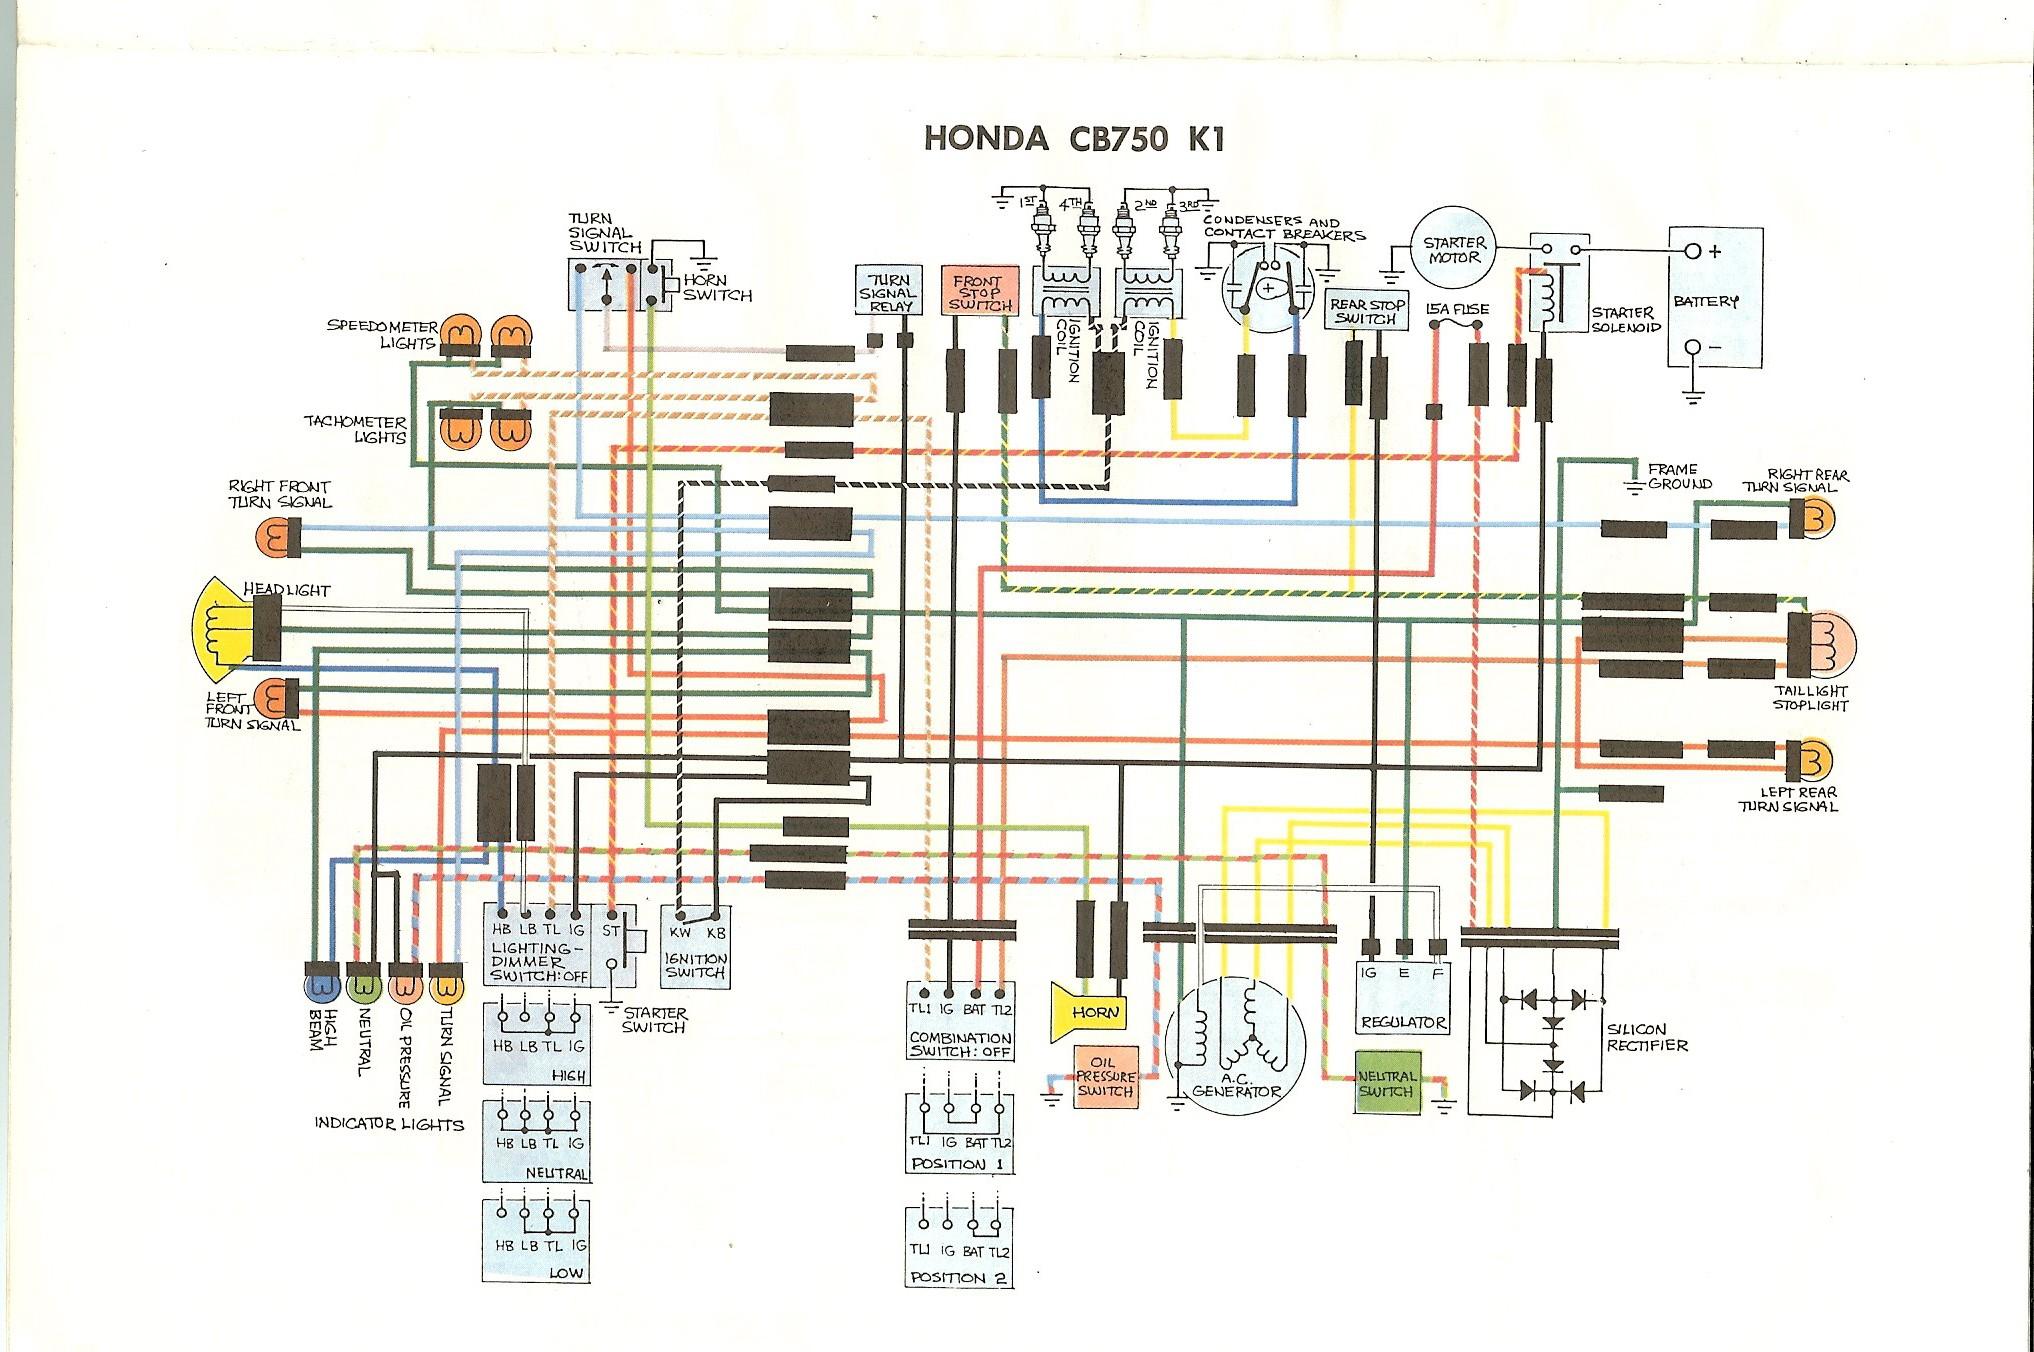 Honda Wiring Diagram Wiring Diagram Further Honda Cb 750 Wiring Diagram Cb Www Cb750 Of Honda Wiring Diagram